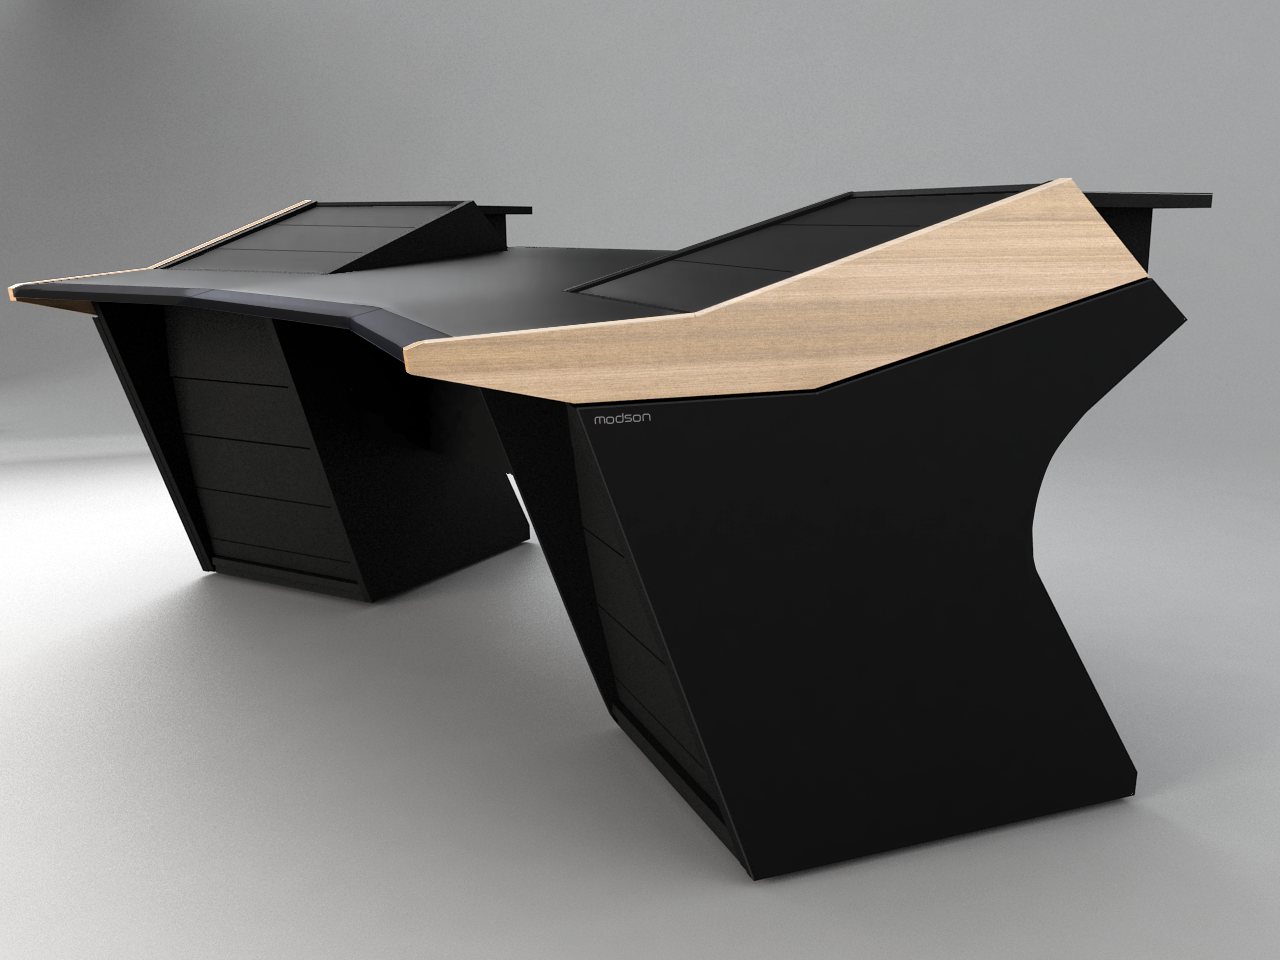 modson ft2 studio desk | things i like | pinterest | studio desk